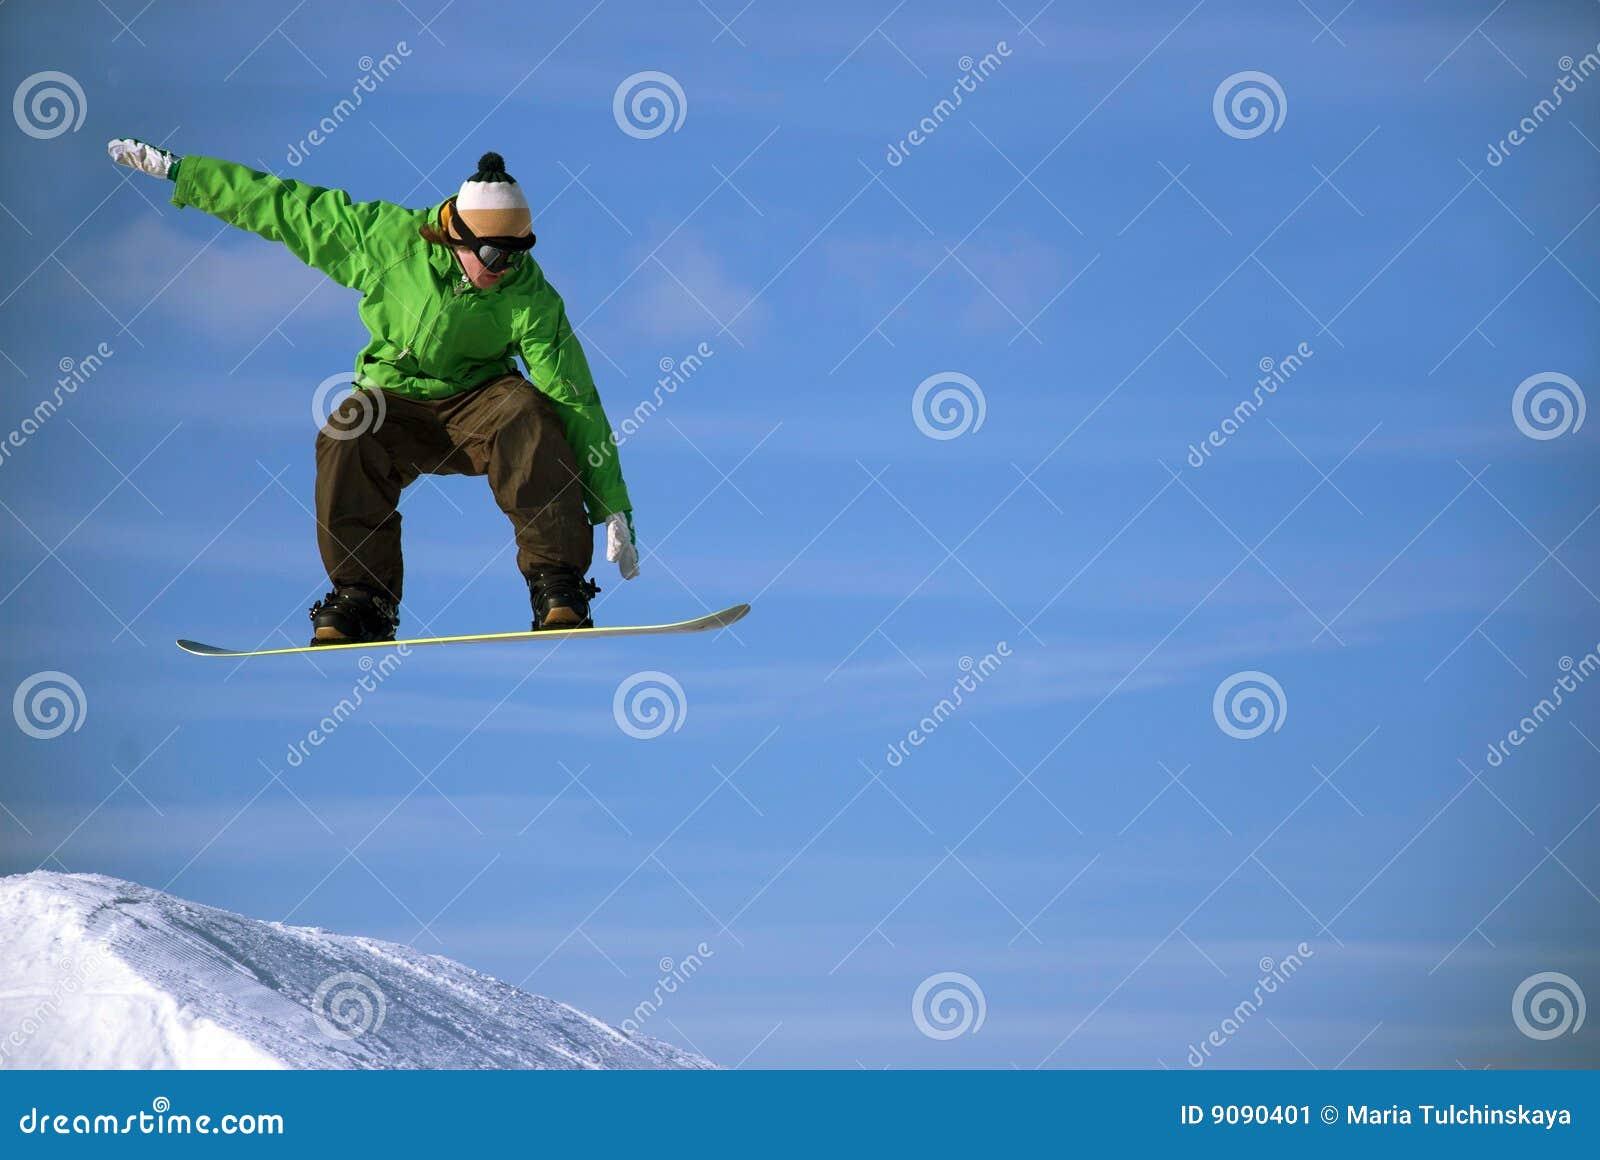 Snowboarder in der Luft